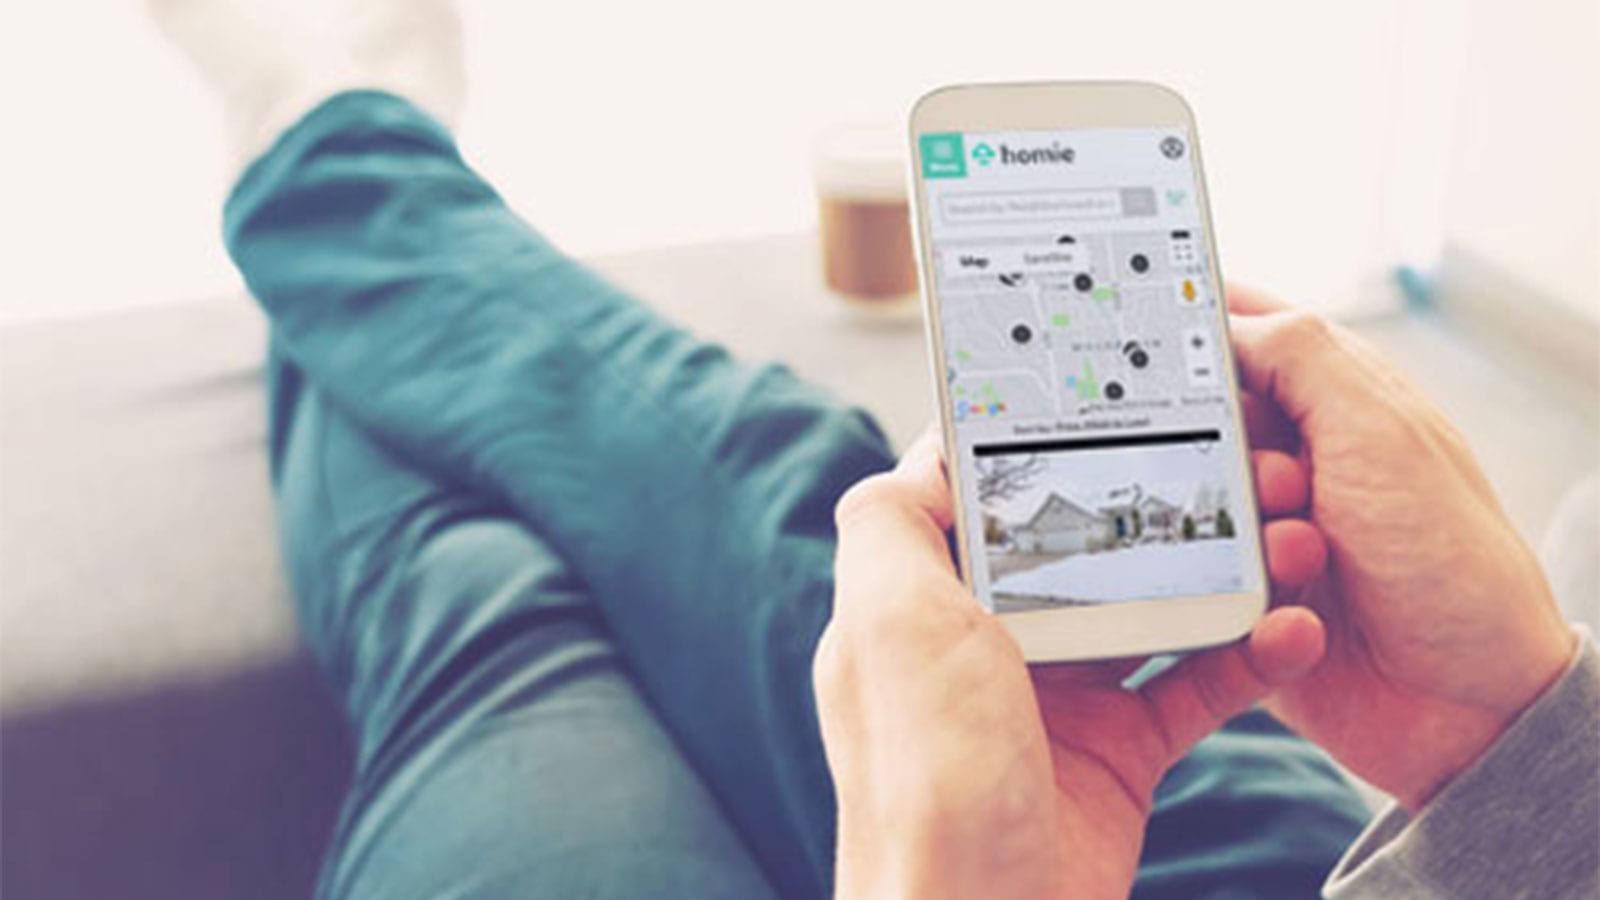 「顧客第一」の住宅販売プラットフォームで、迅速で効率的な取引をサポートするHomie